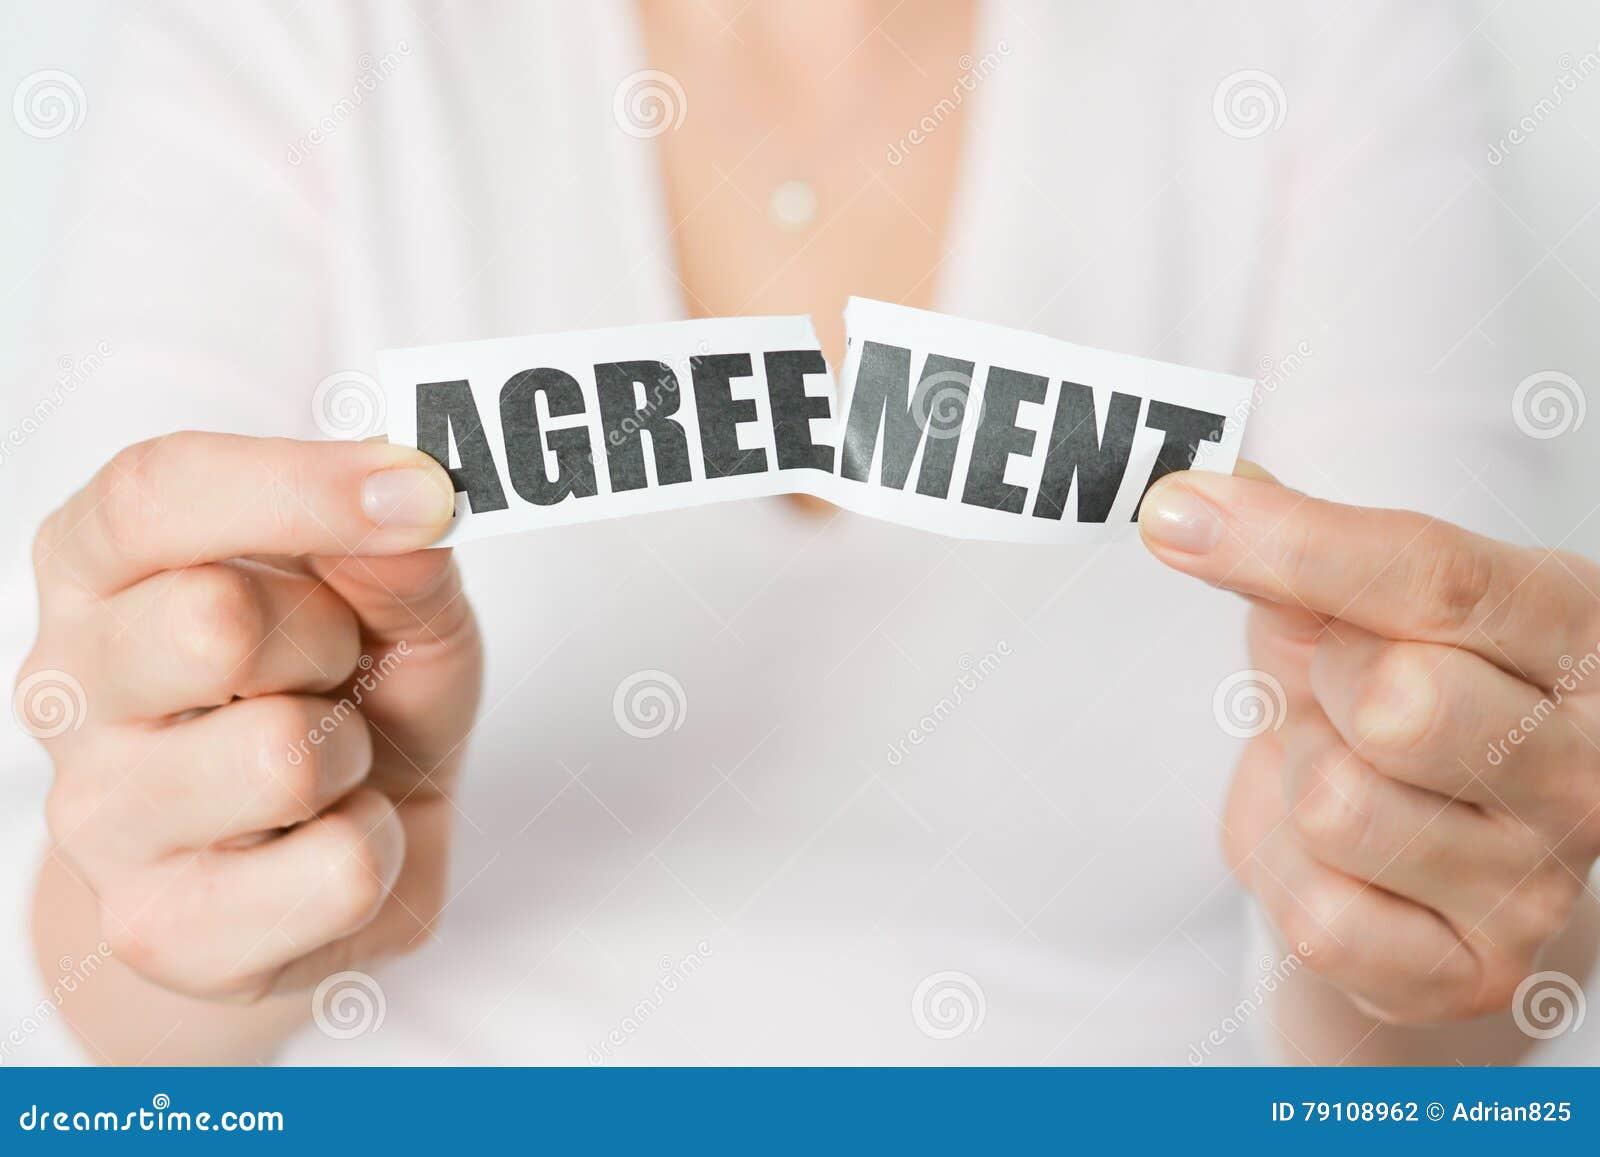 Ακυρώστε μια συμφωνία ή απομακρύνετε μια έννοια συμβάσεων